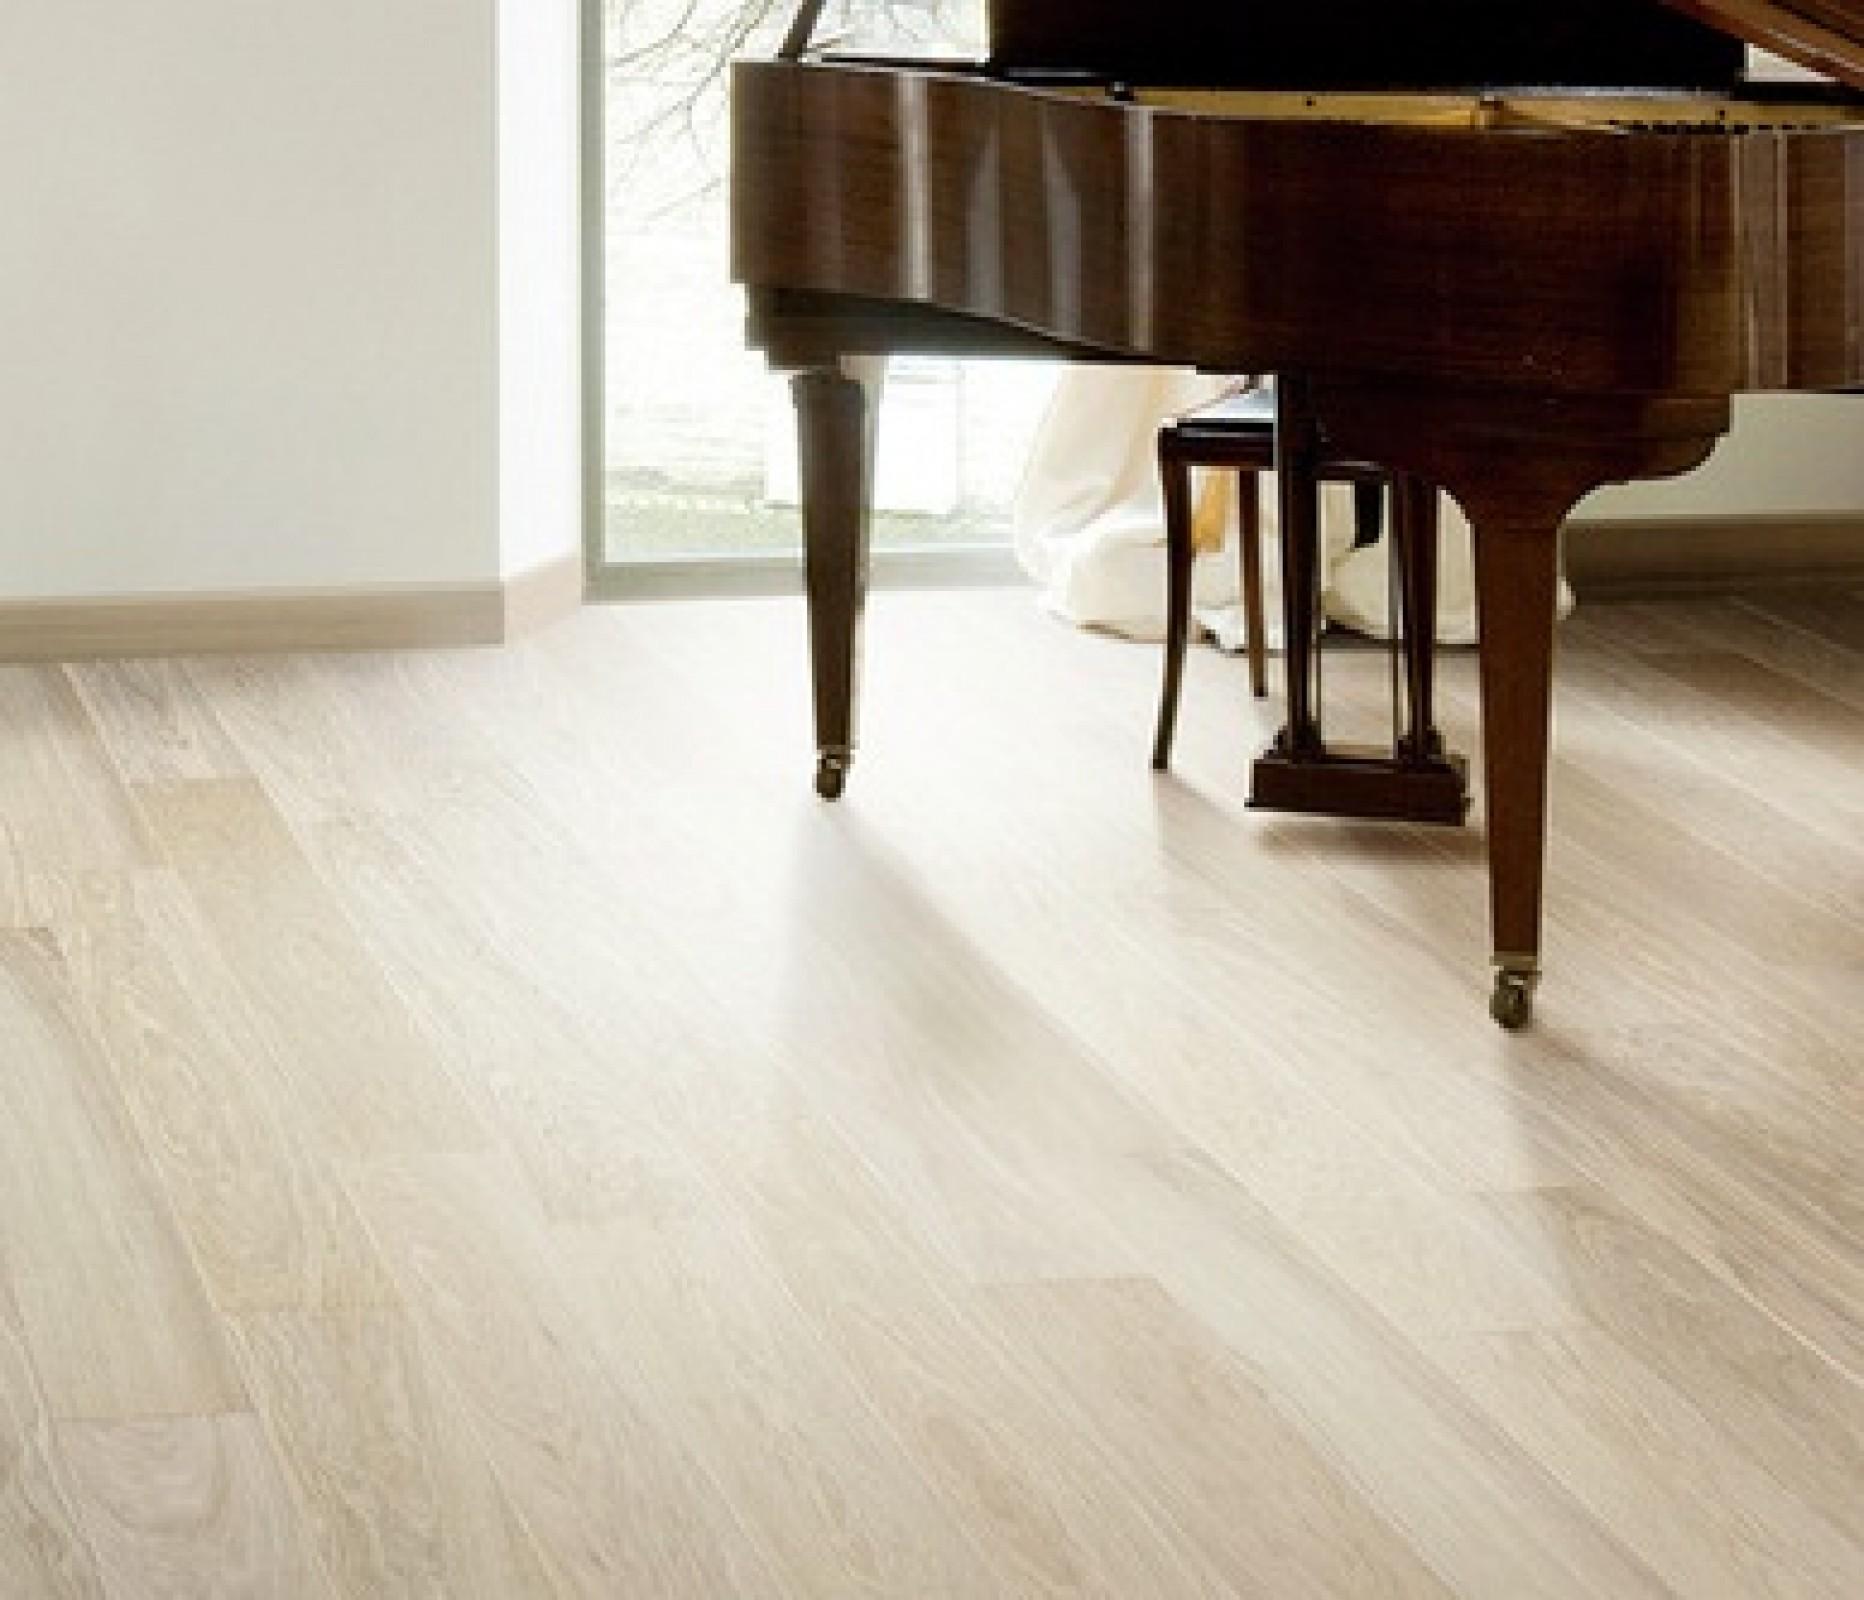 Berry floor parquet salle de bain cout renovation - Travaux salle de bain leroy merlin ...